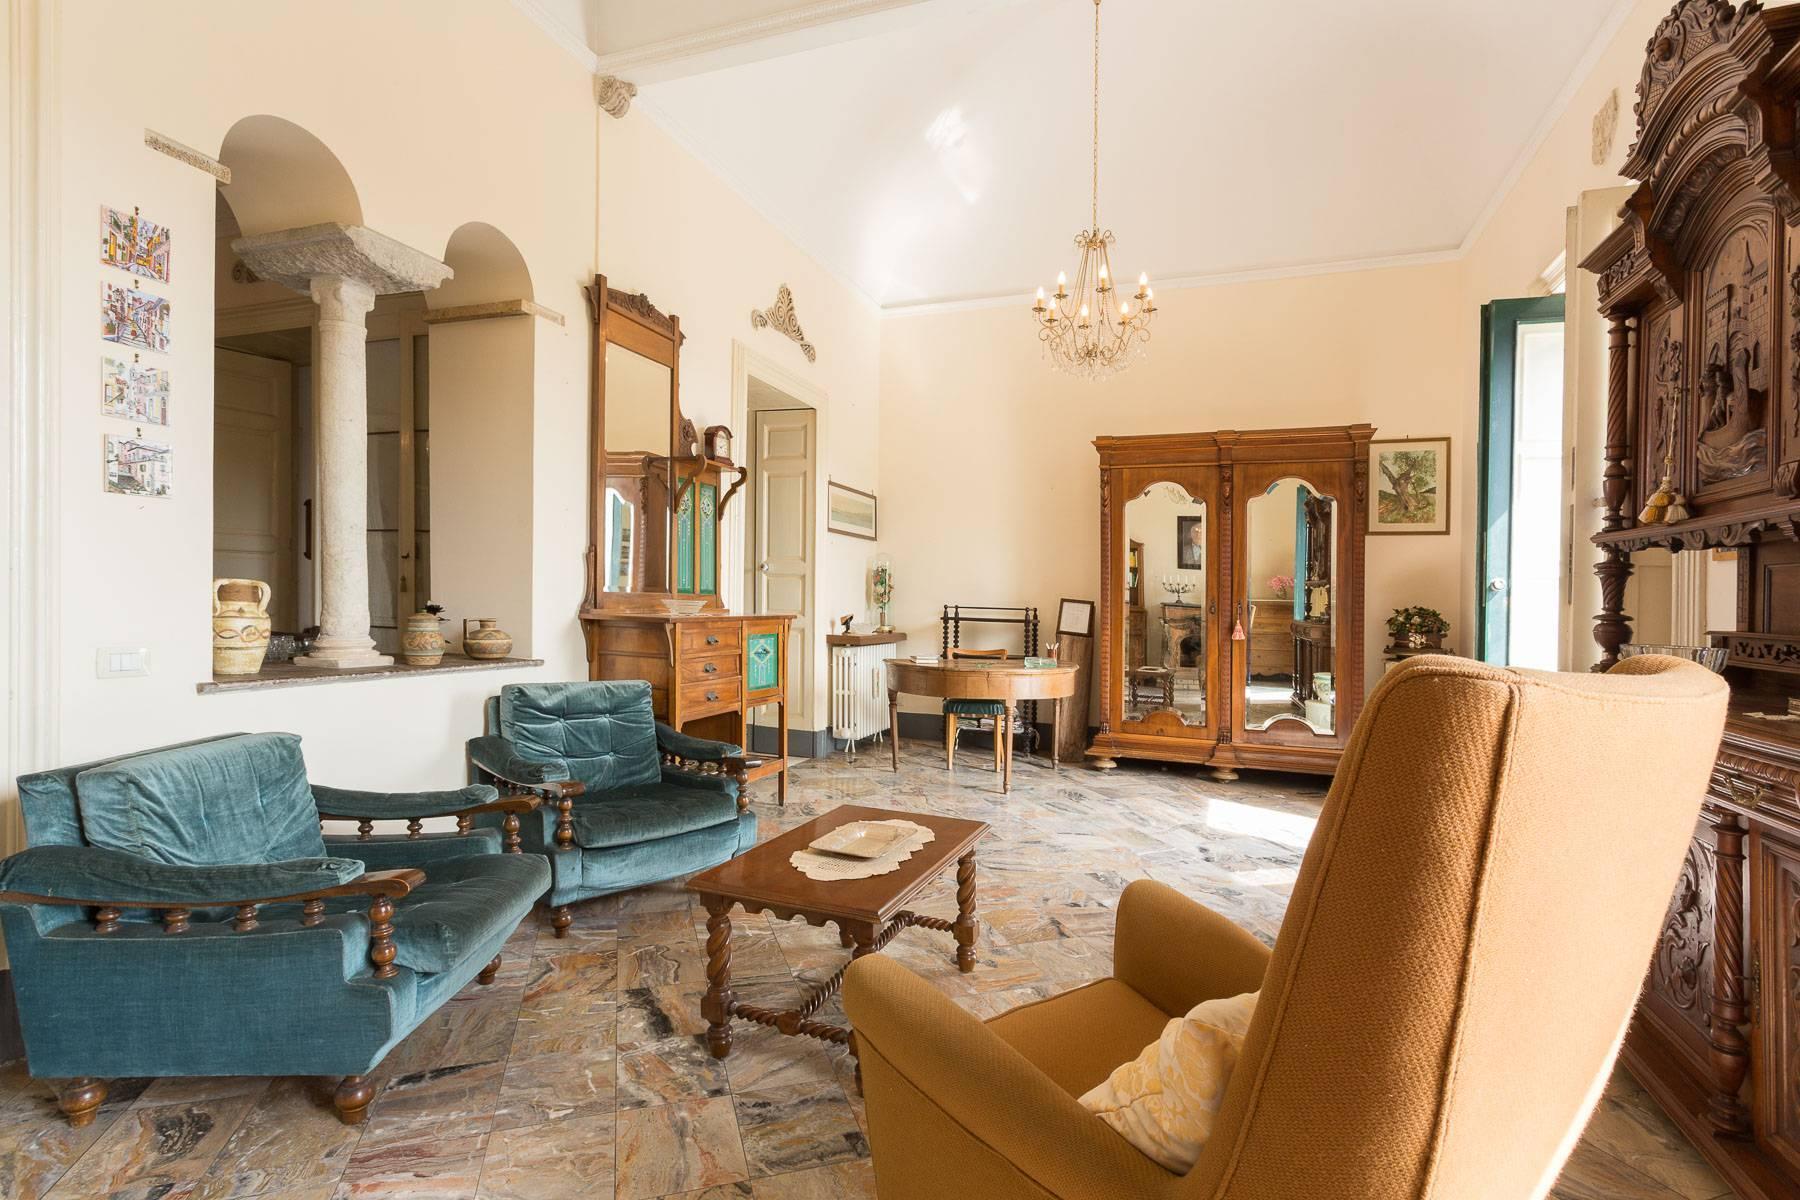 Villa padronale con terreno alle pendici dell'Etna - 7